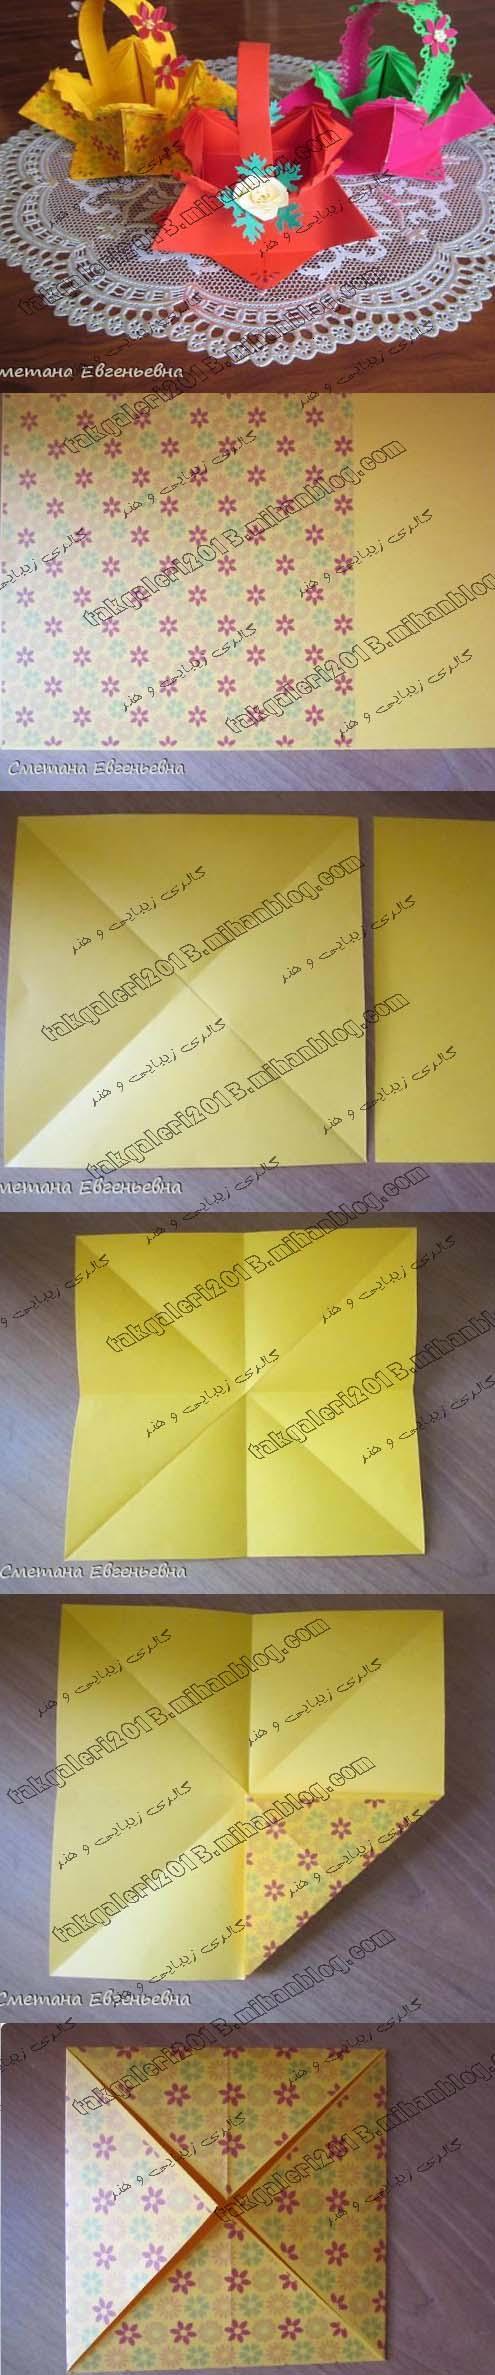 http://s4.picofile.com/file/8183540068/%DA%A9%D8%A7%D8%B1%D8%AF%D8%B3%D8%AA%DB%8C_1_.jpg